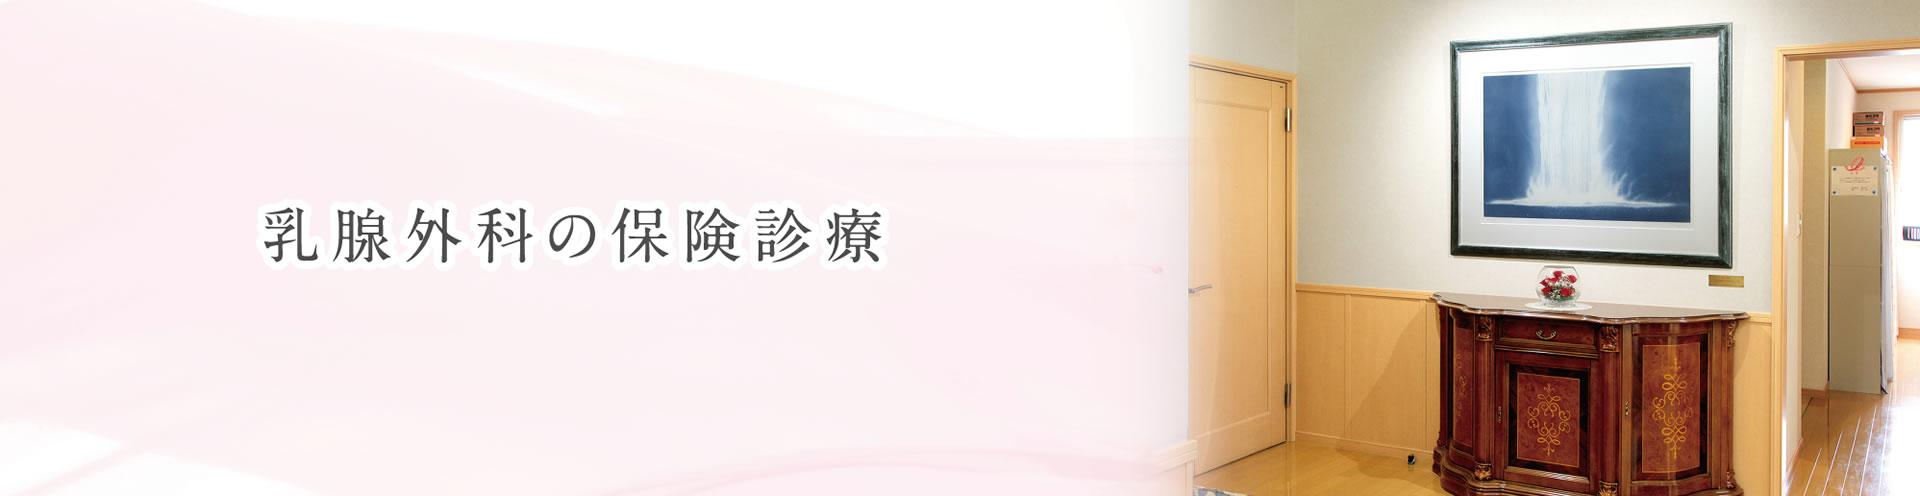 乳腺外科の保険診療